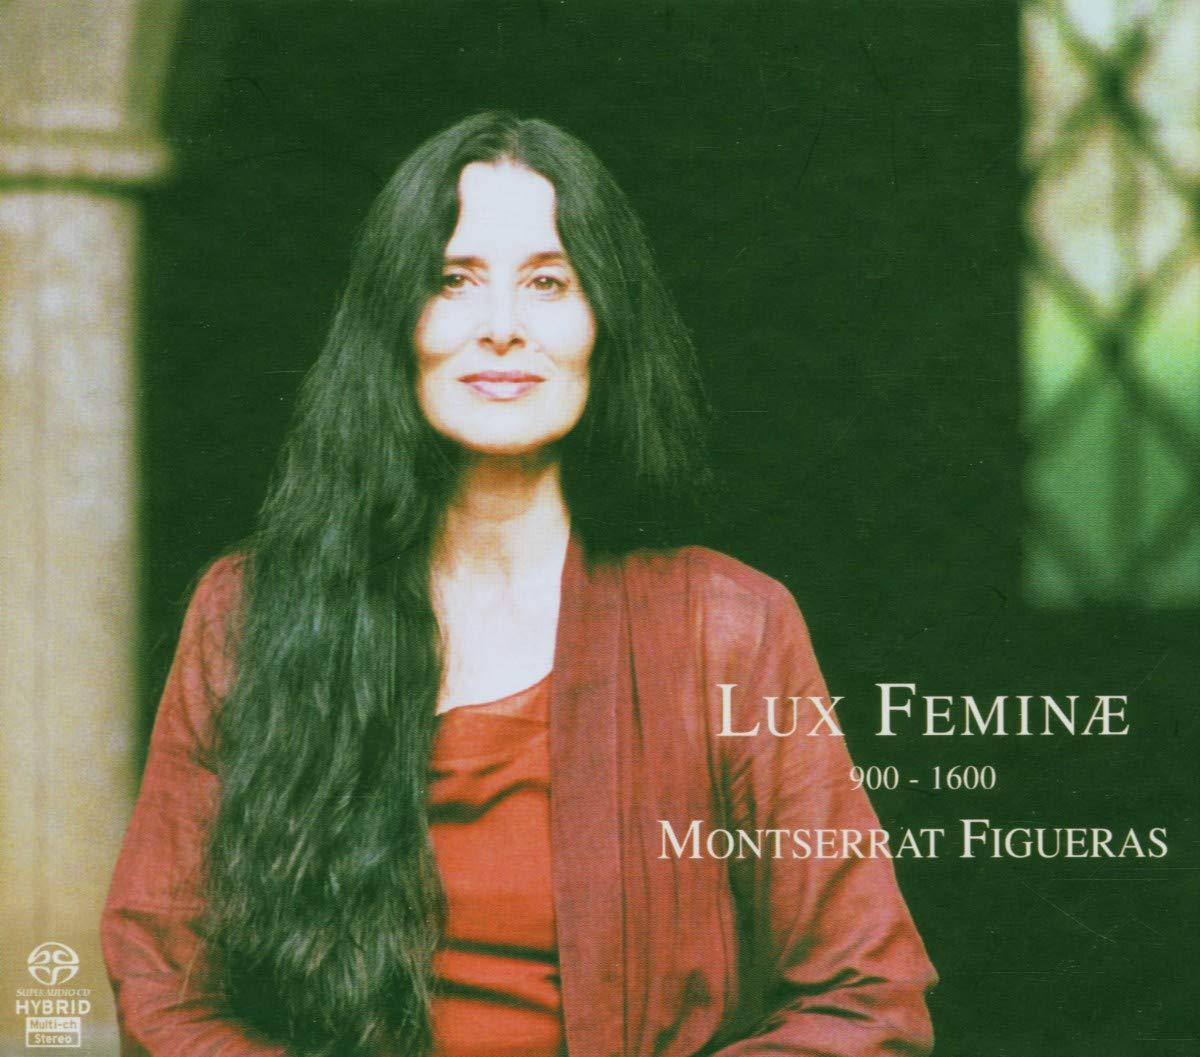 Lux Feminae, Montserrat Figueras; Jordi Savall